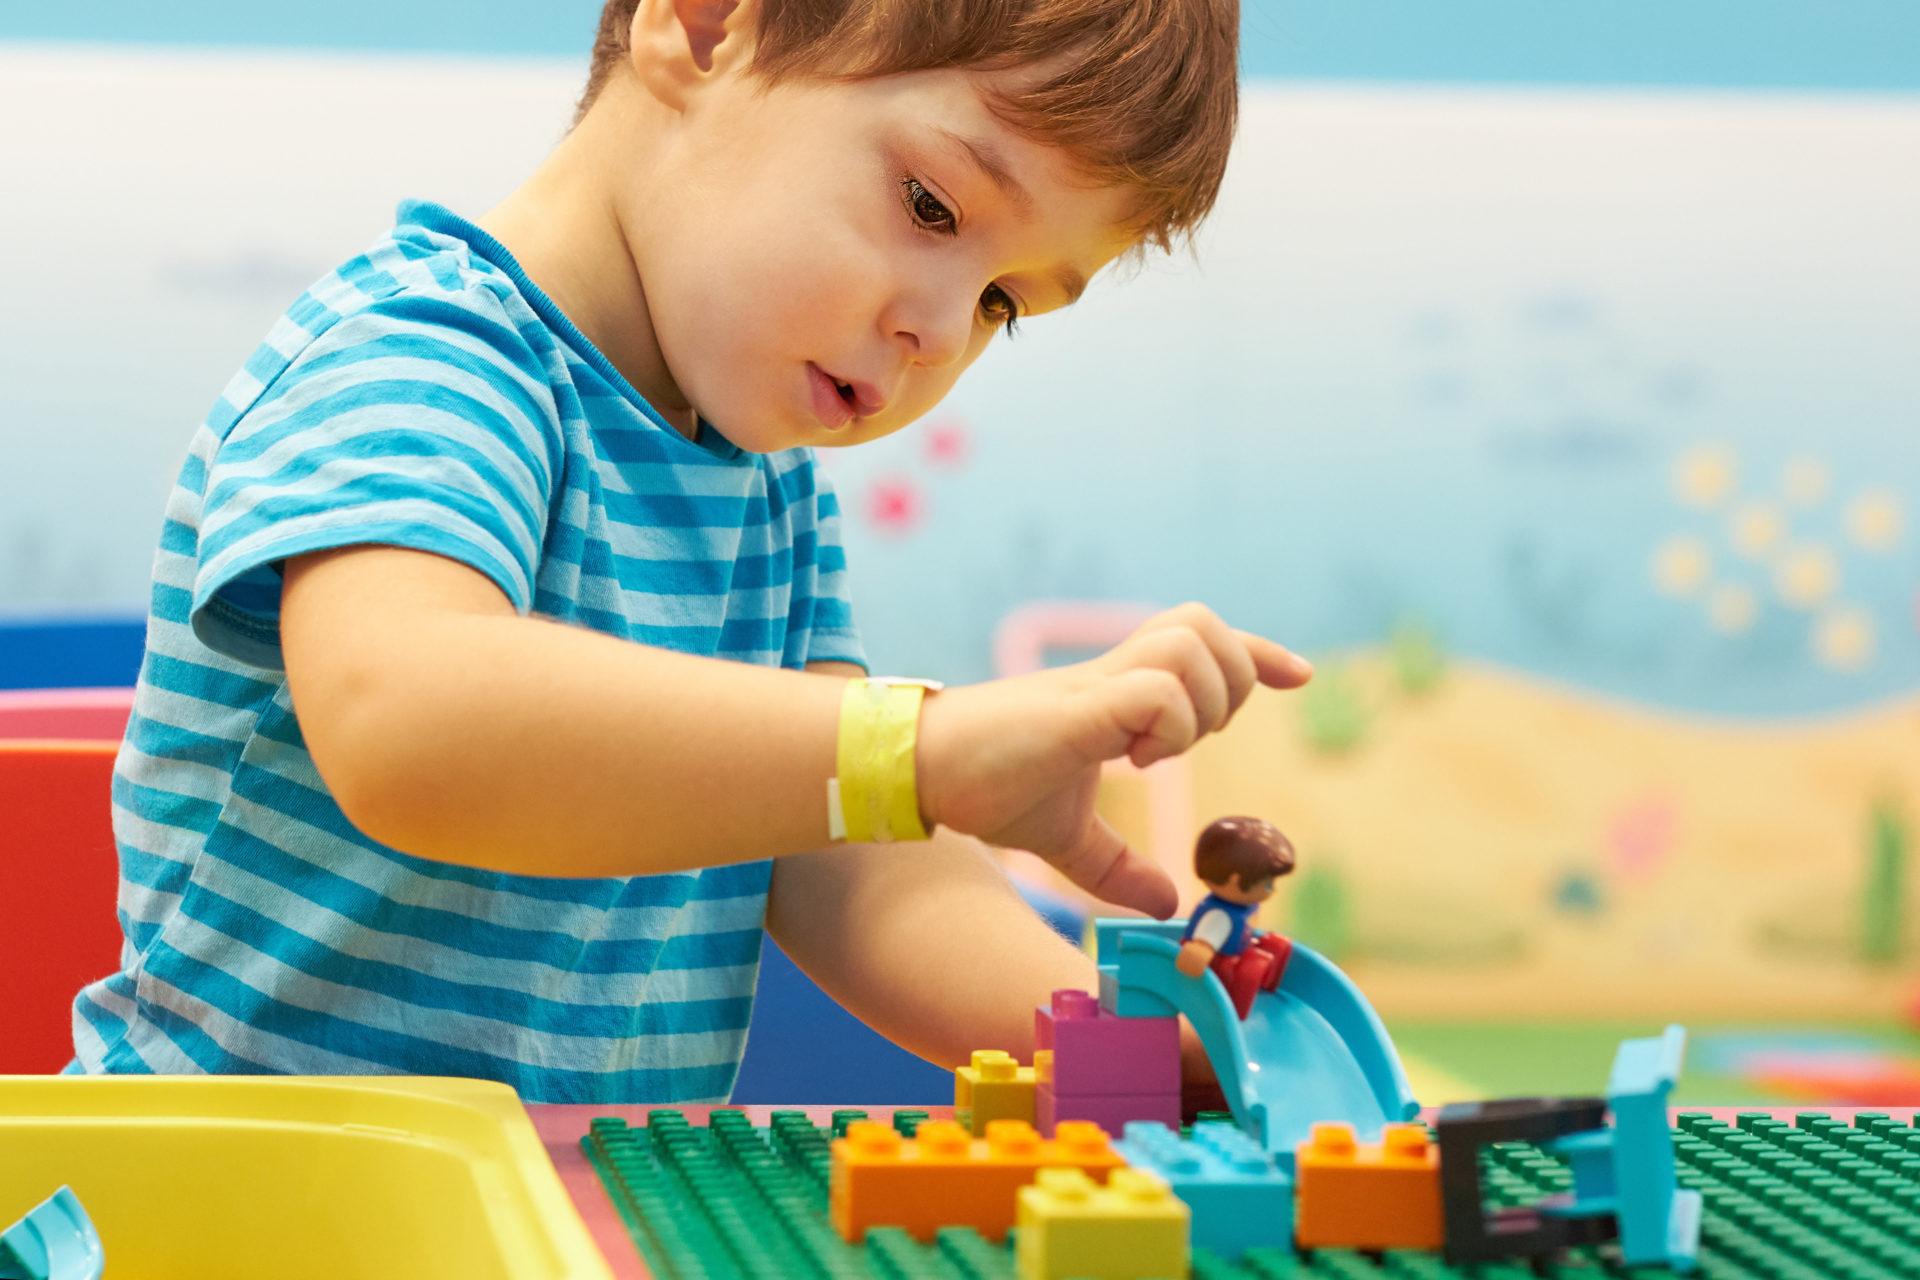 Jeu, Jouet Enfant - Jeu Enfant 2 Ans, 3 Ans, 4 Ans Et 5 Ans concernant Jouet Pour Fille 4 5 Ans